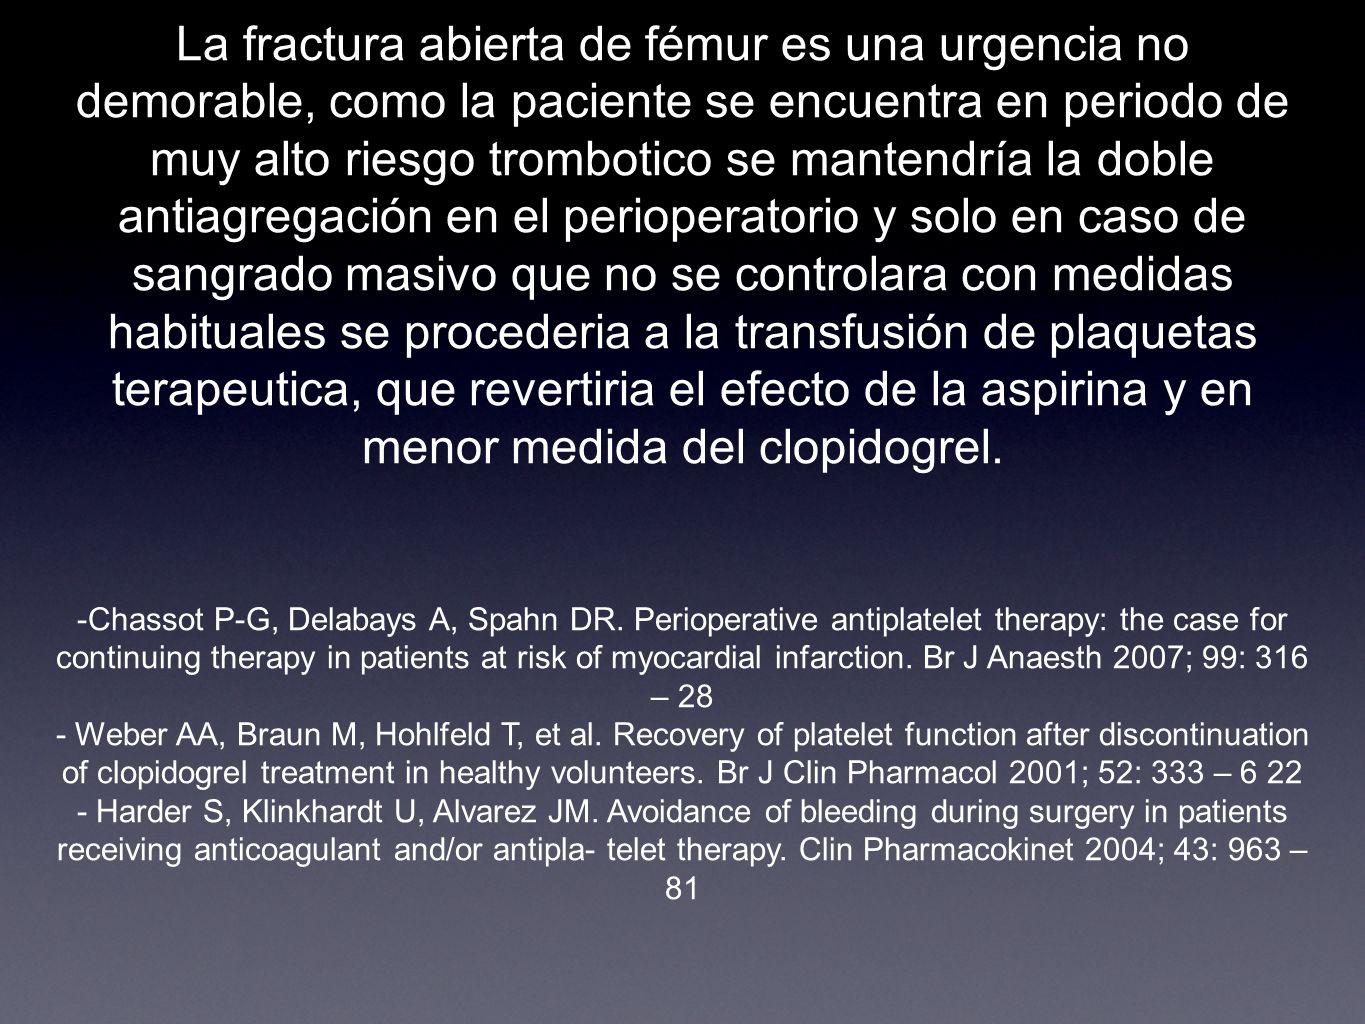 La fractura abierta de fémur es una urgencia no demorable, como la paciente se encuentra en periodo de muy alto riesgo trombotico se mantendría la dob